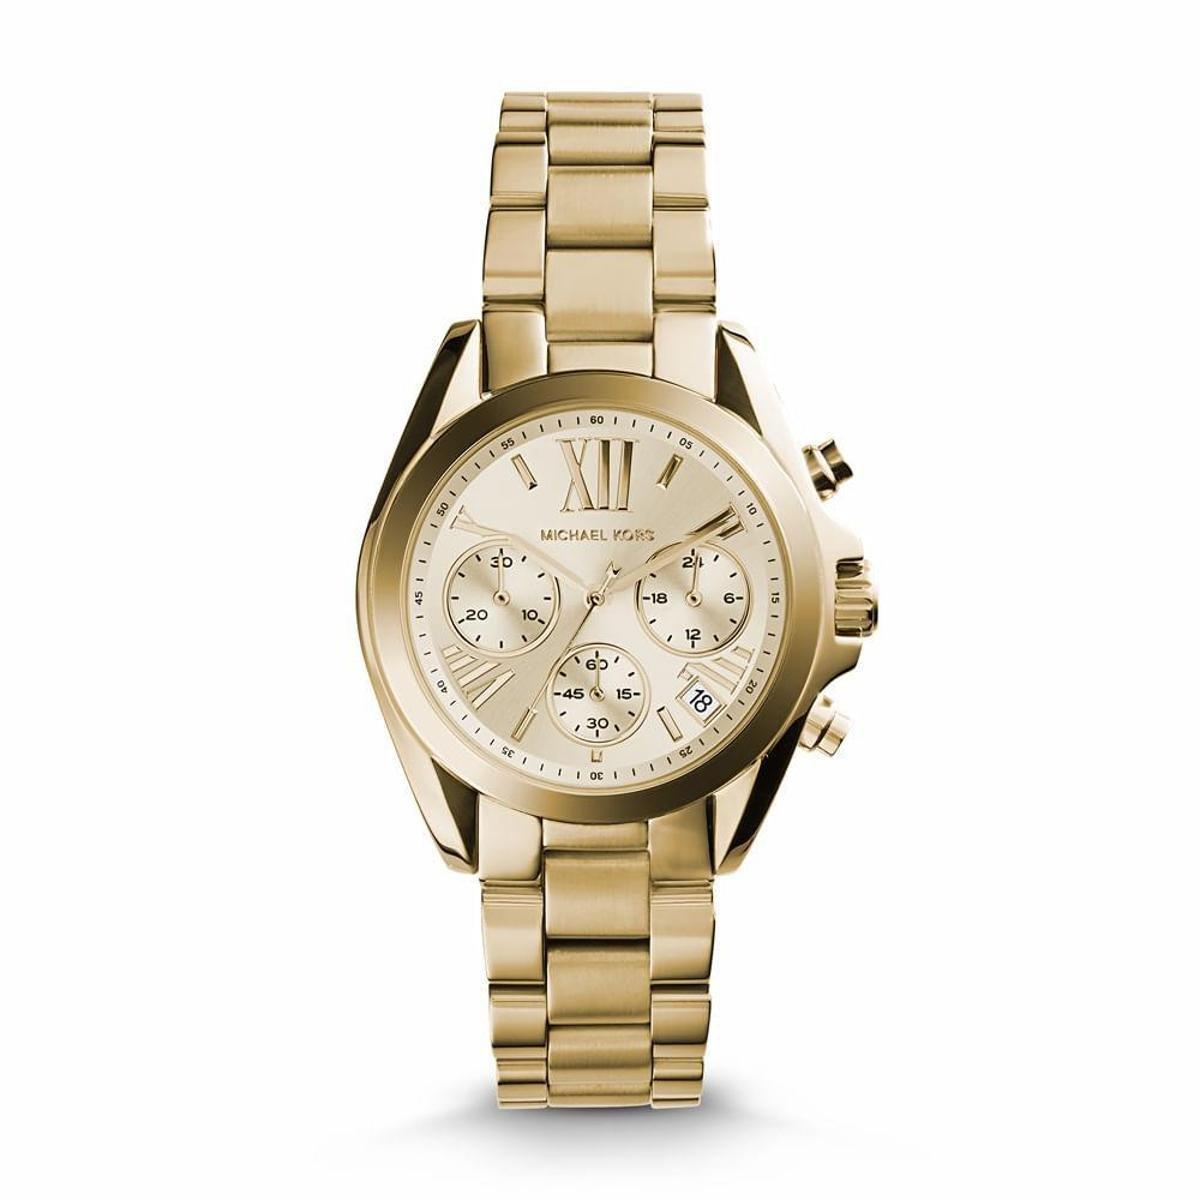 5003008903a Relógio Michael Kors Feminino - MK5798 4DN MK5798 4DN - Dourado ...